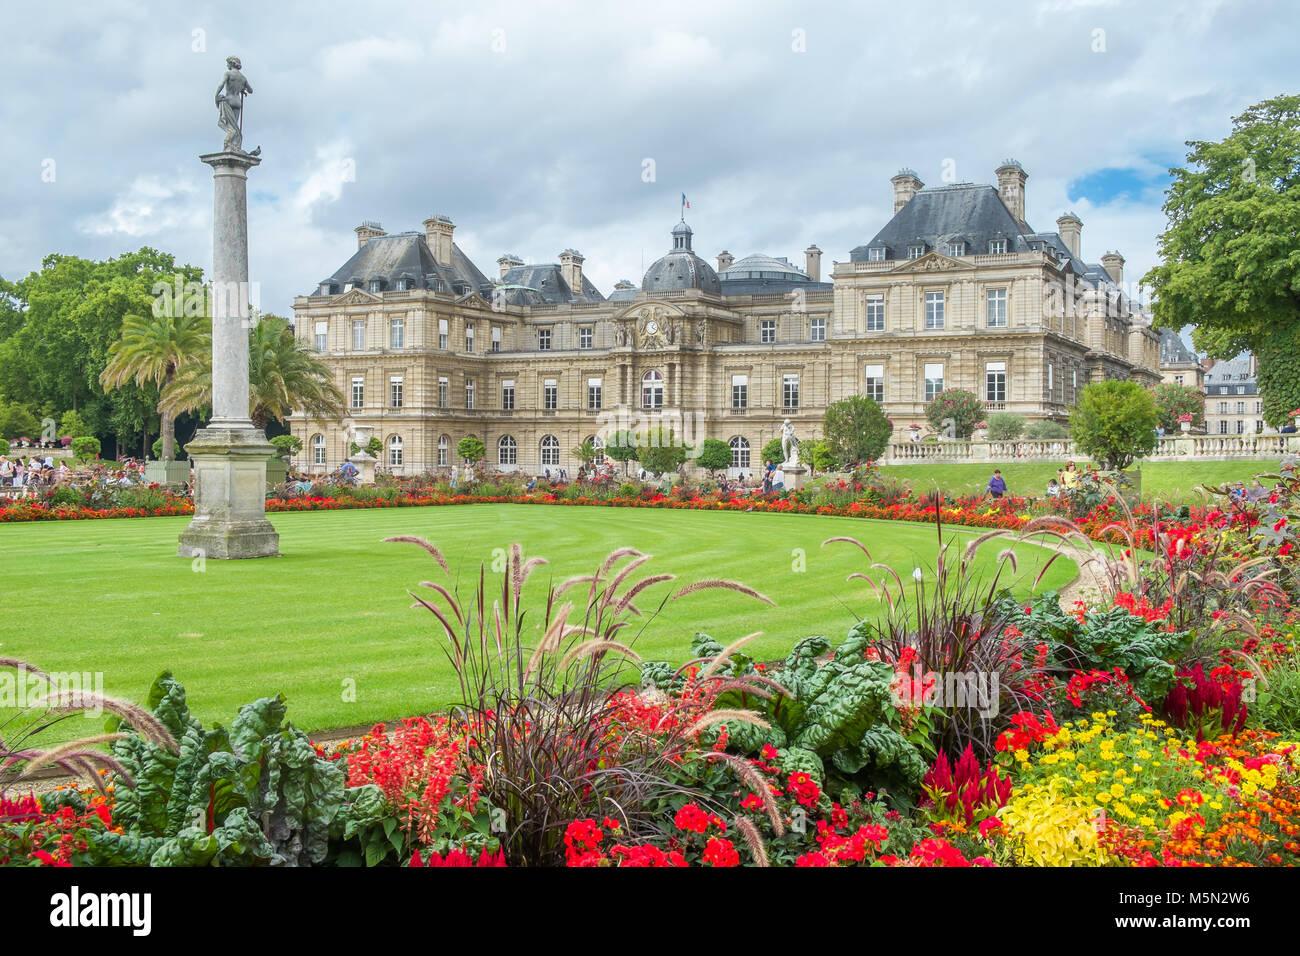 Place du Luxembourg, Paris, France - Stock Image